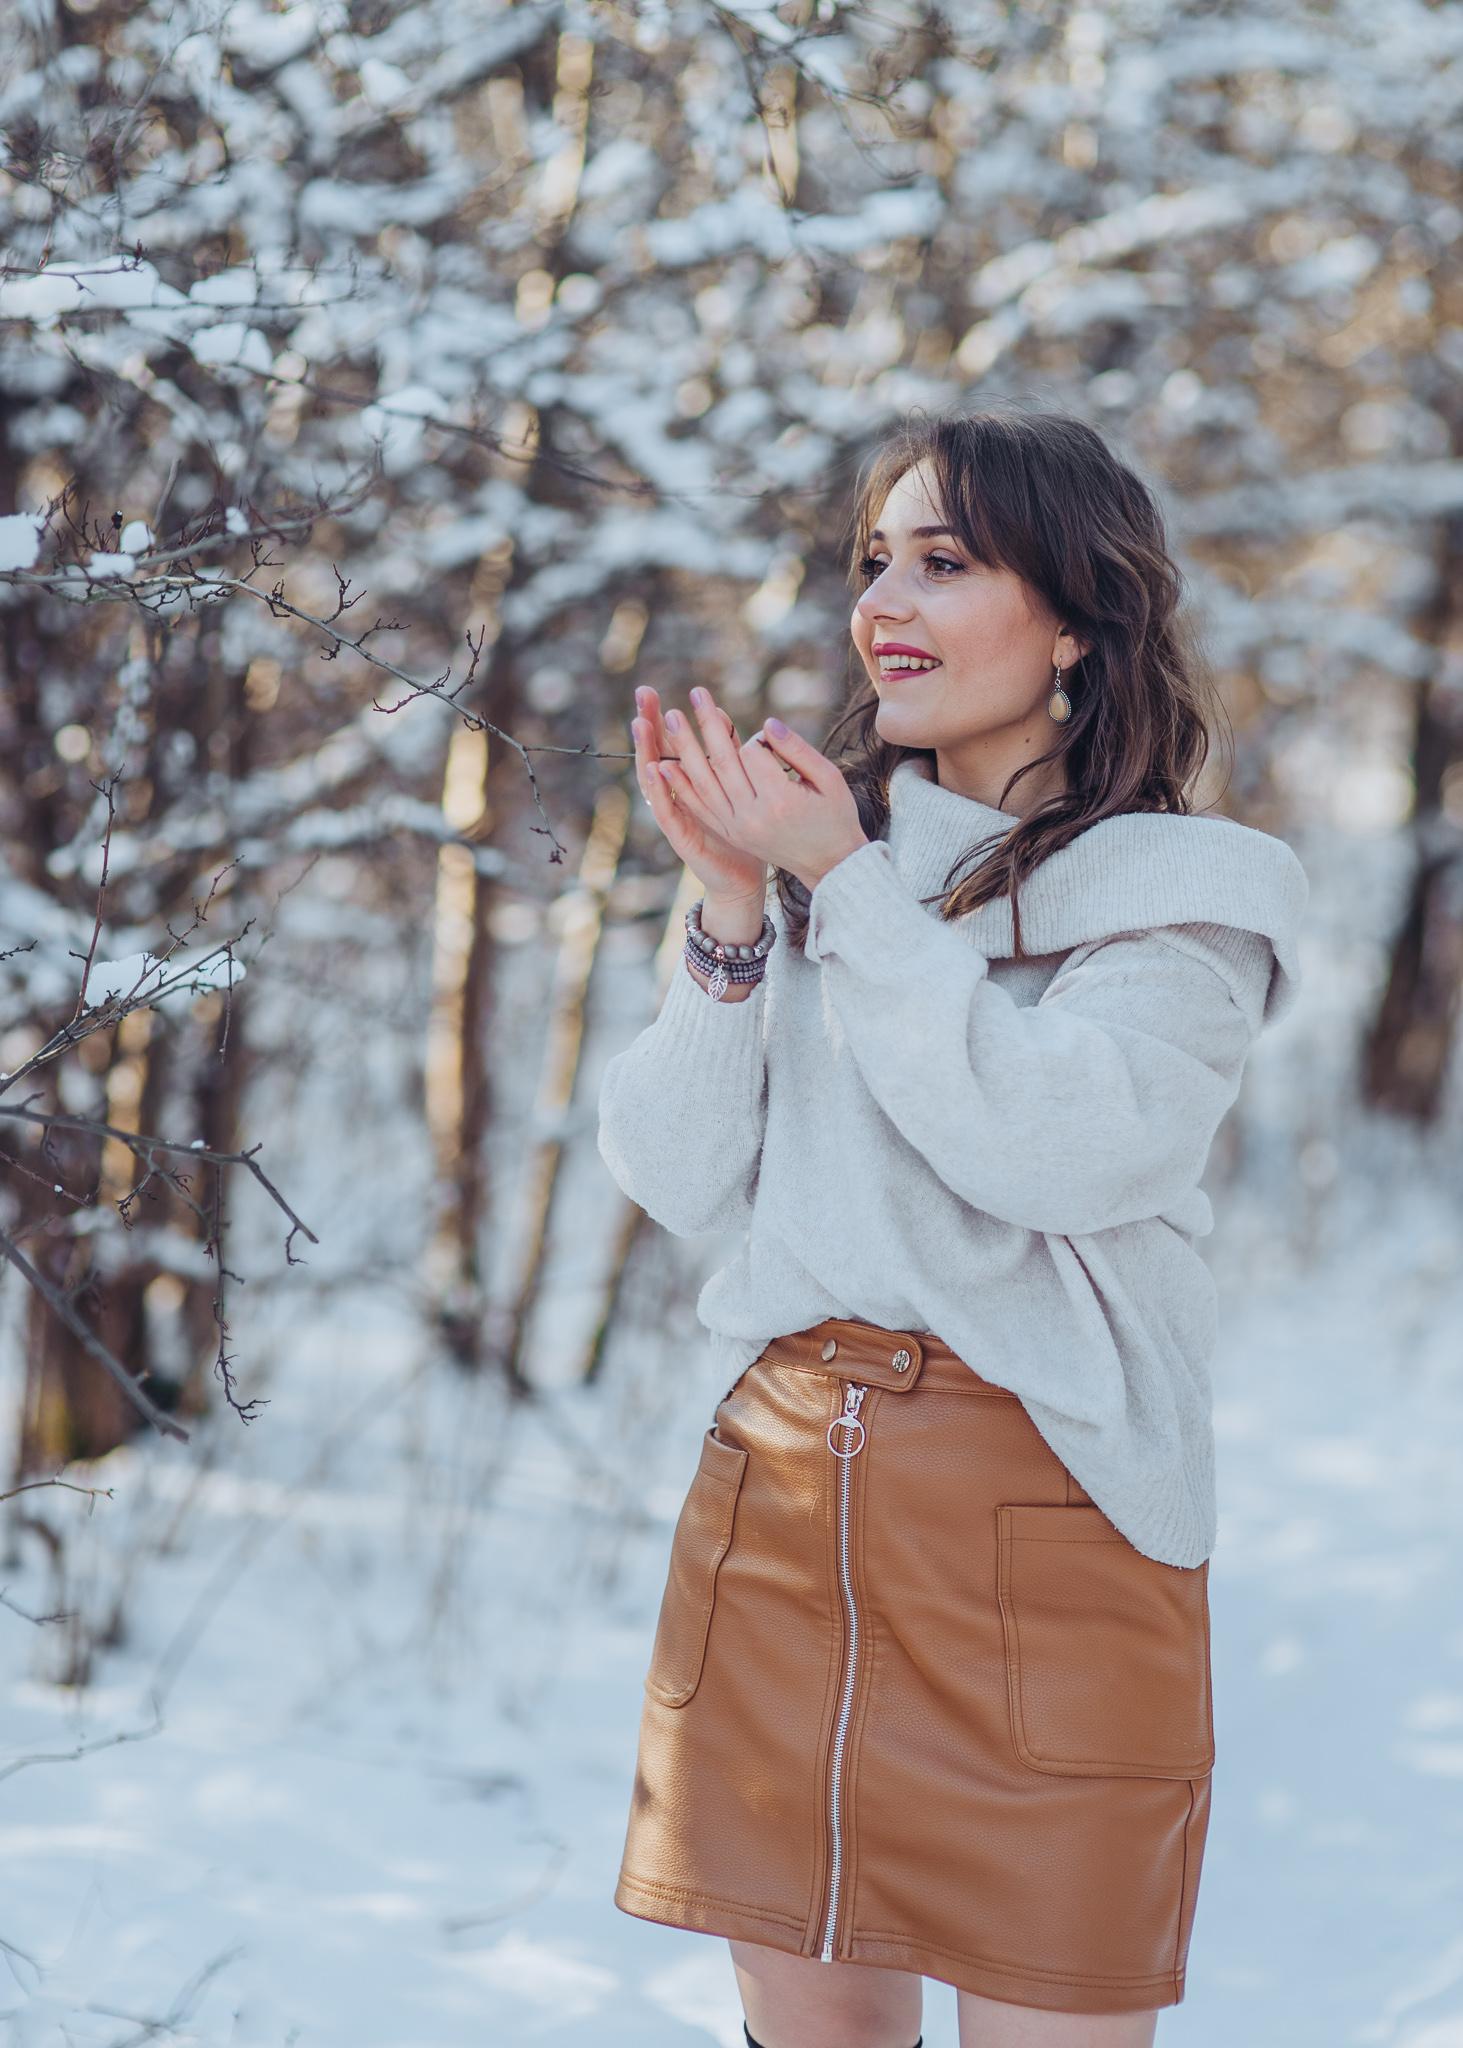 zimowa sesja w śniegu portret kobiecy warszawa